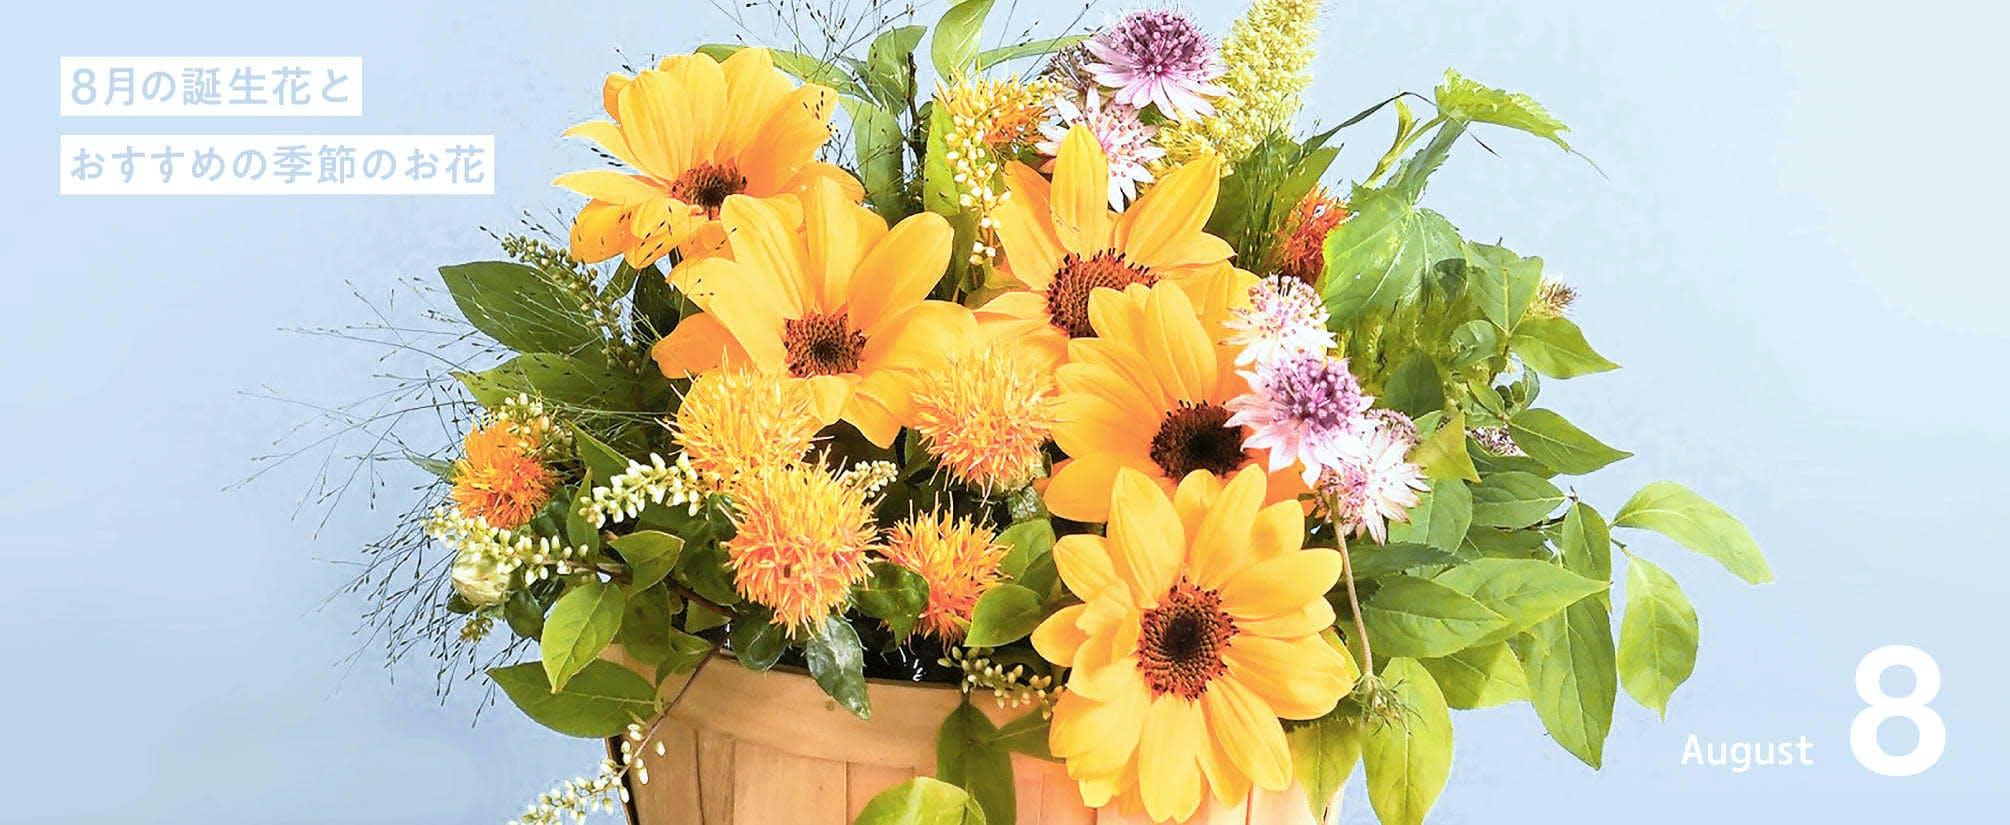 8月の誕生花 - お花と植物のギフト通販 HitoHana(ひとはな)